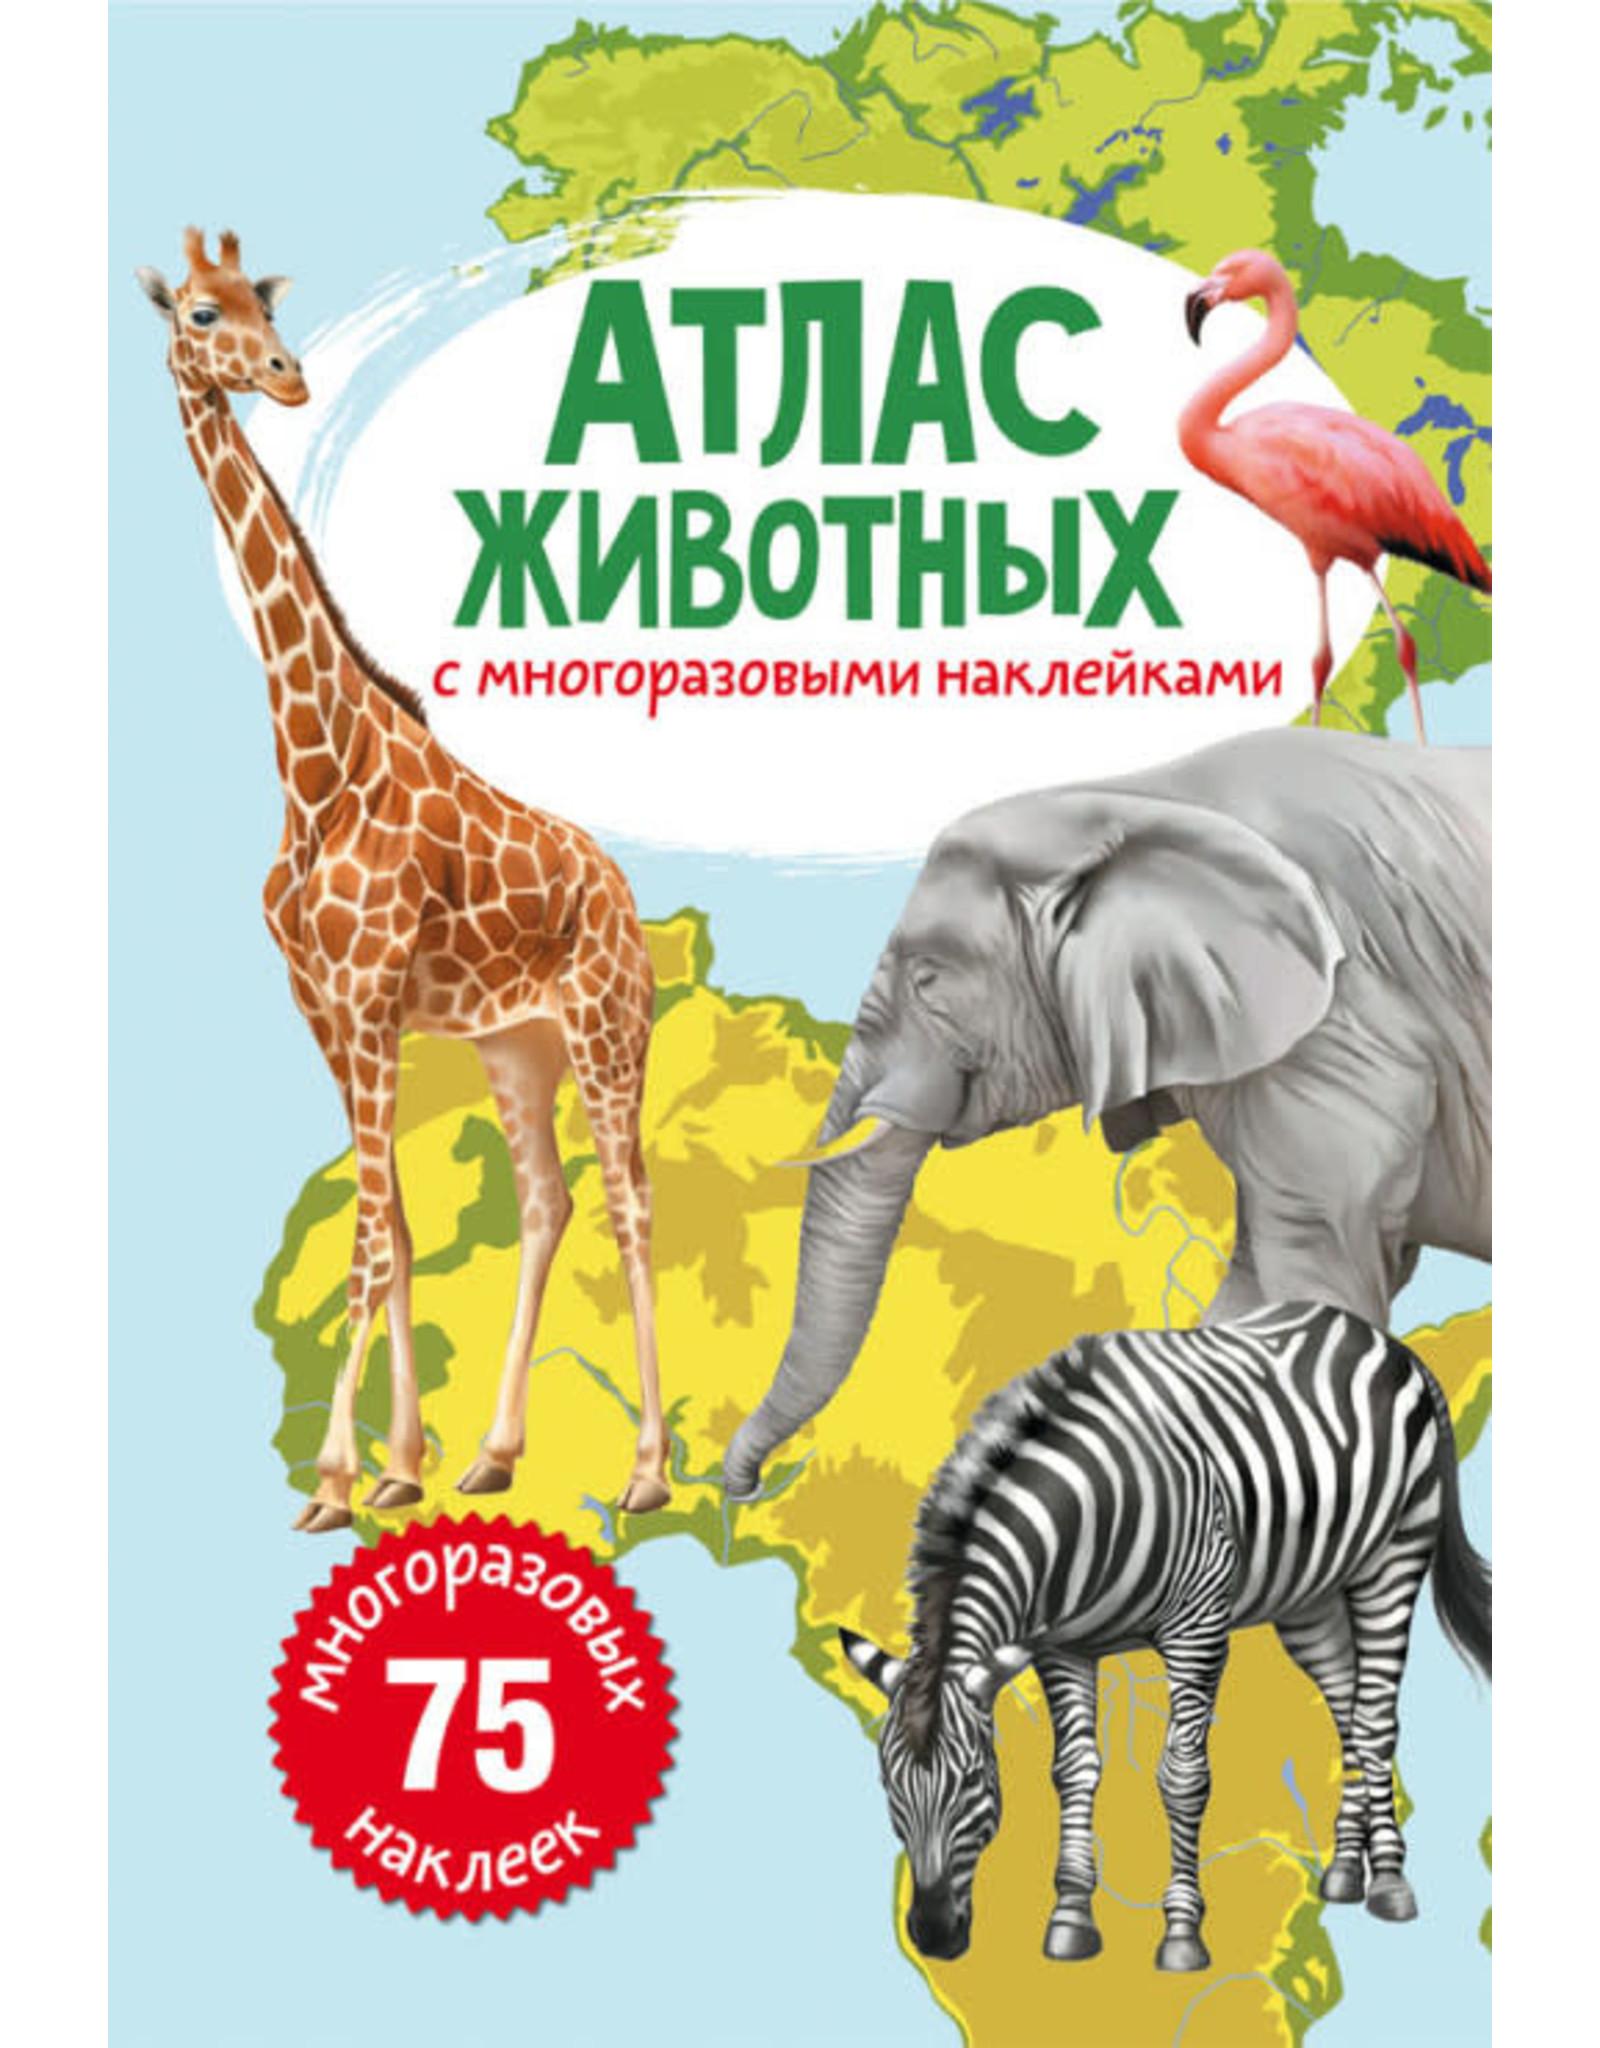 Атлас животных с многоразовыми наклейками